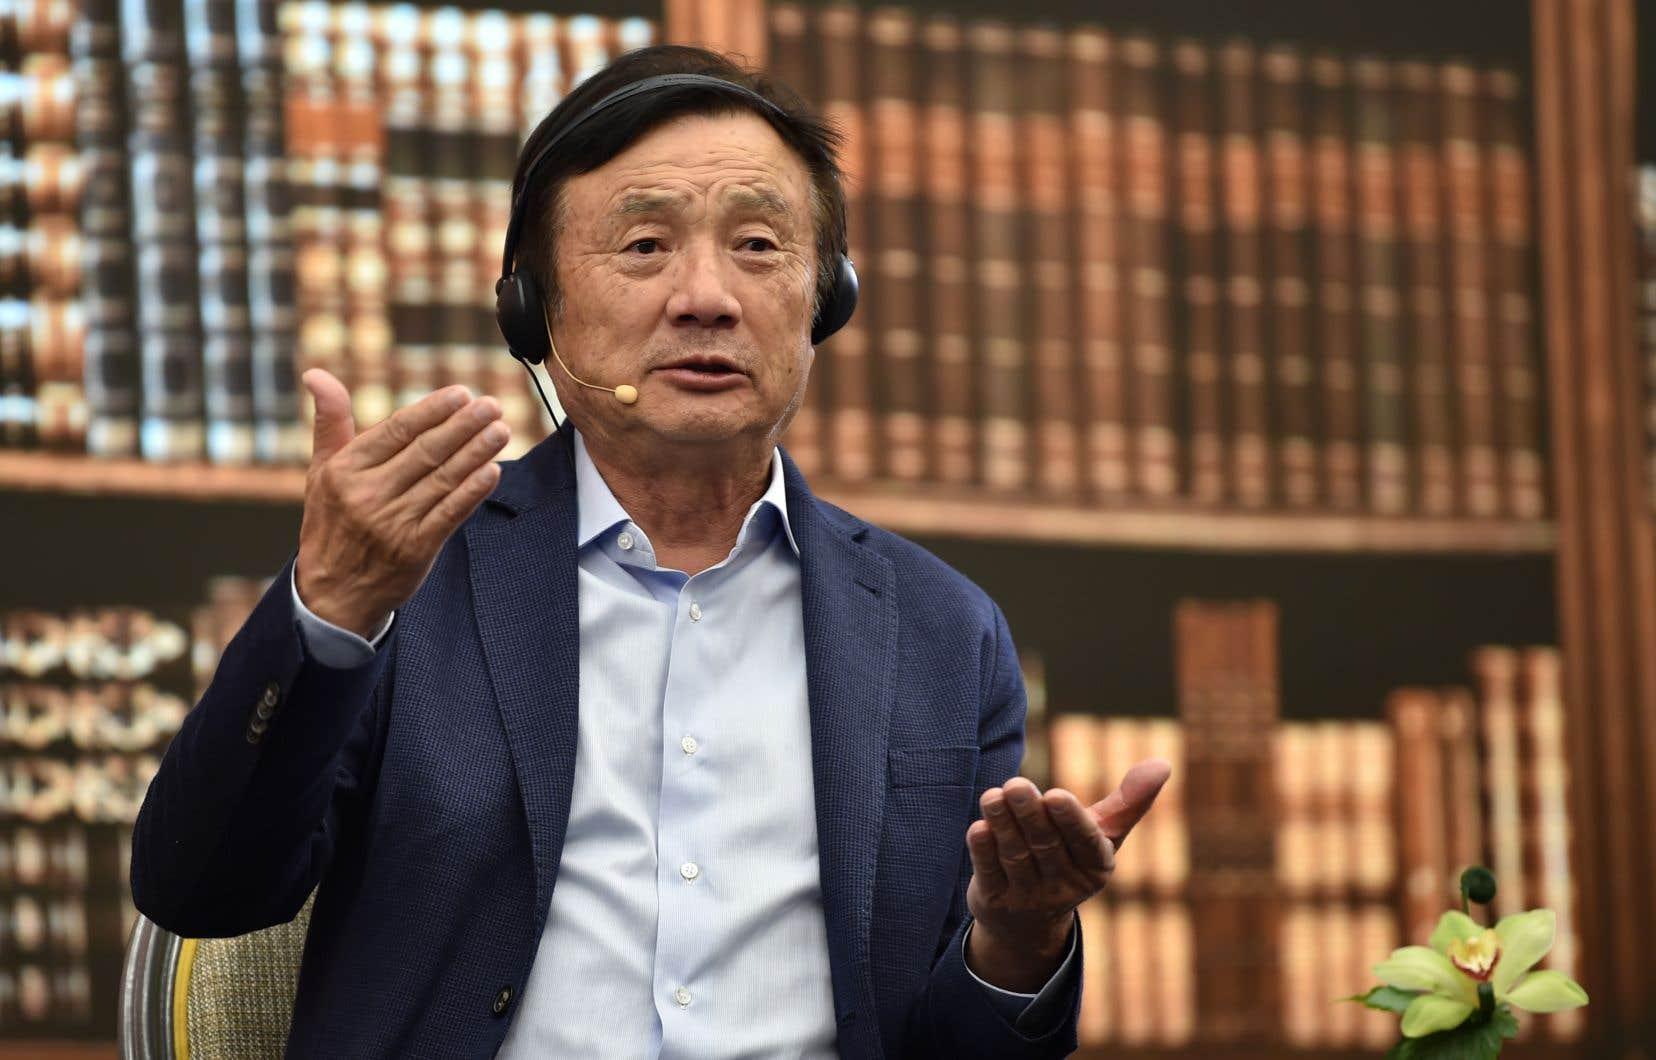 À Shenzhen lundi, le fondateur de Huawei, Ren Zhengfei, a révélé que l'entreprise avait enregistré une chute de 40% de ses ventes de téléphones intelligents à l'international.